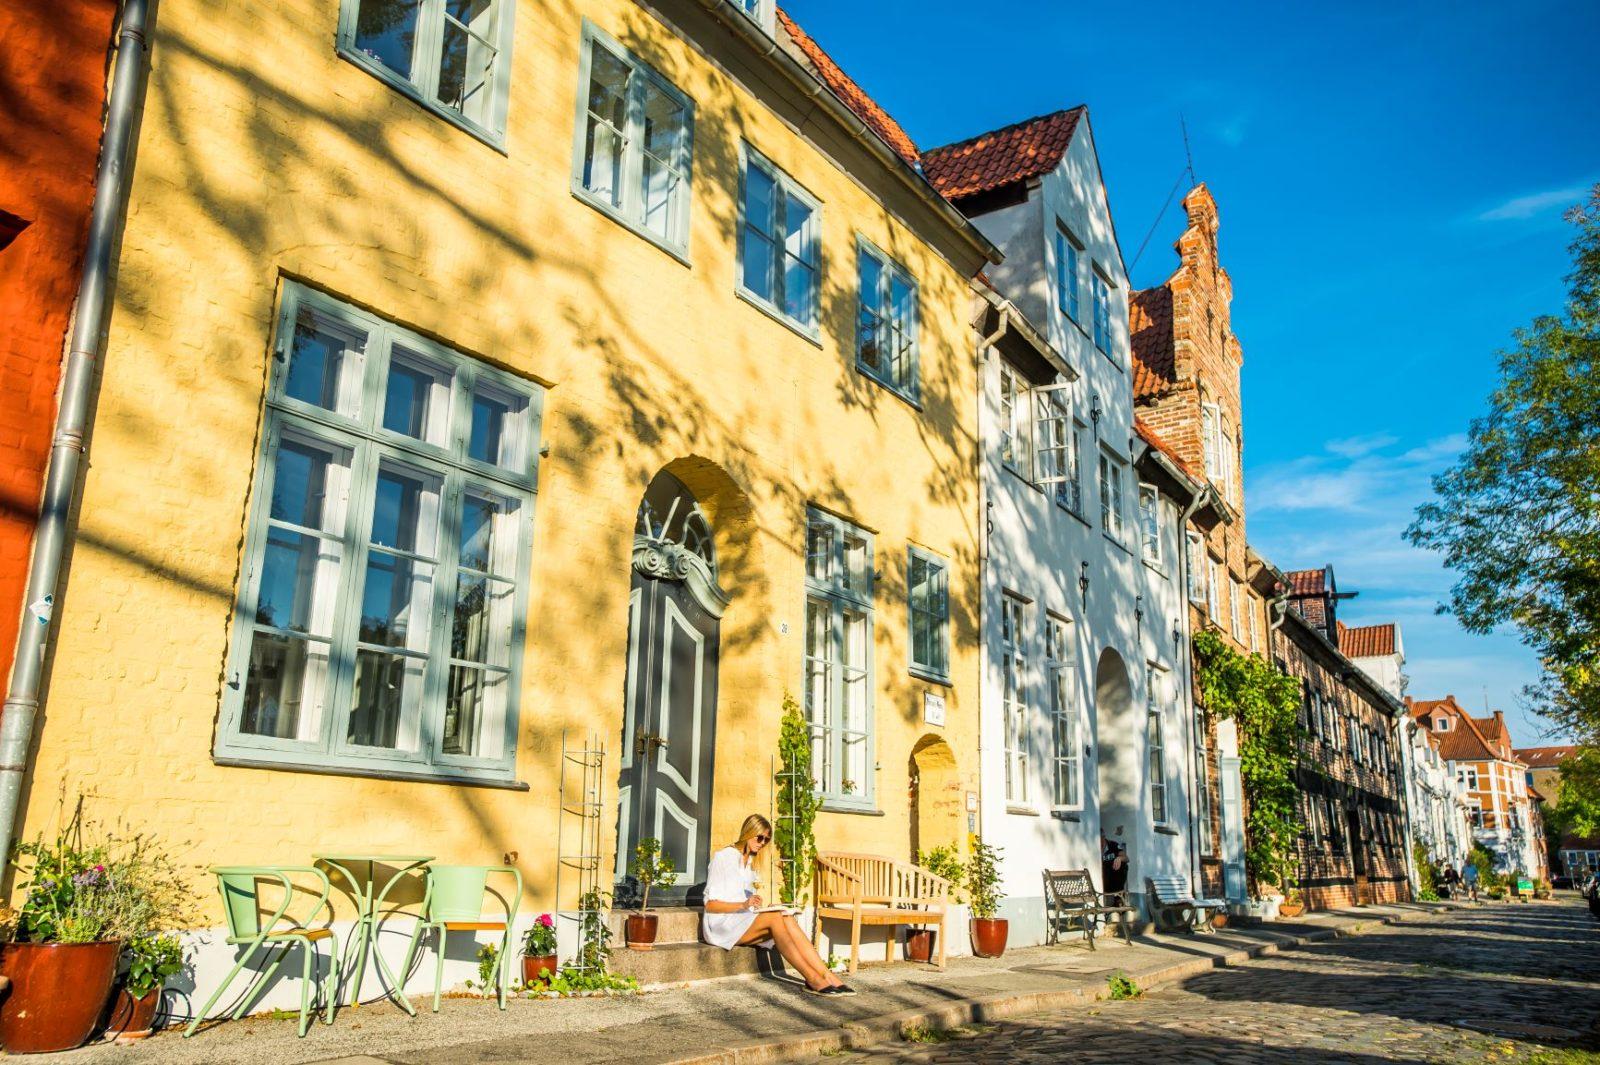 Lübeck: Eintracht im Inneren, Frieden nach außen